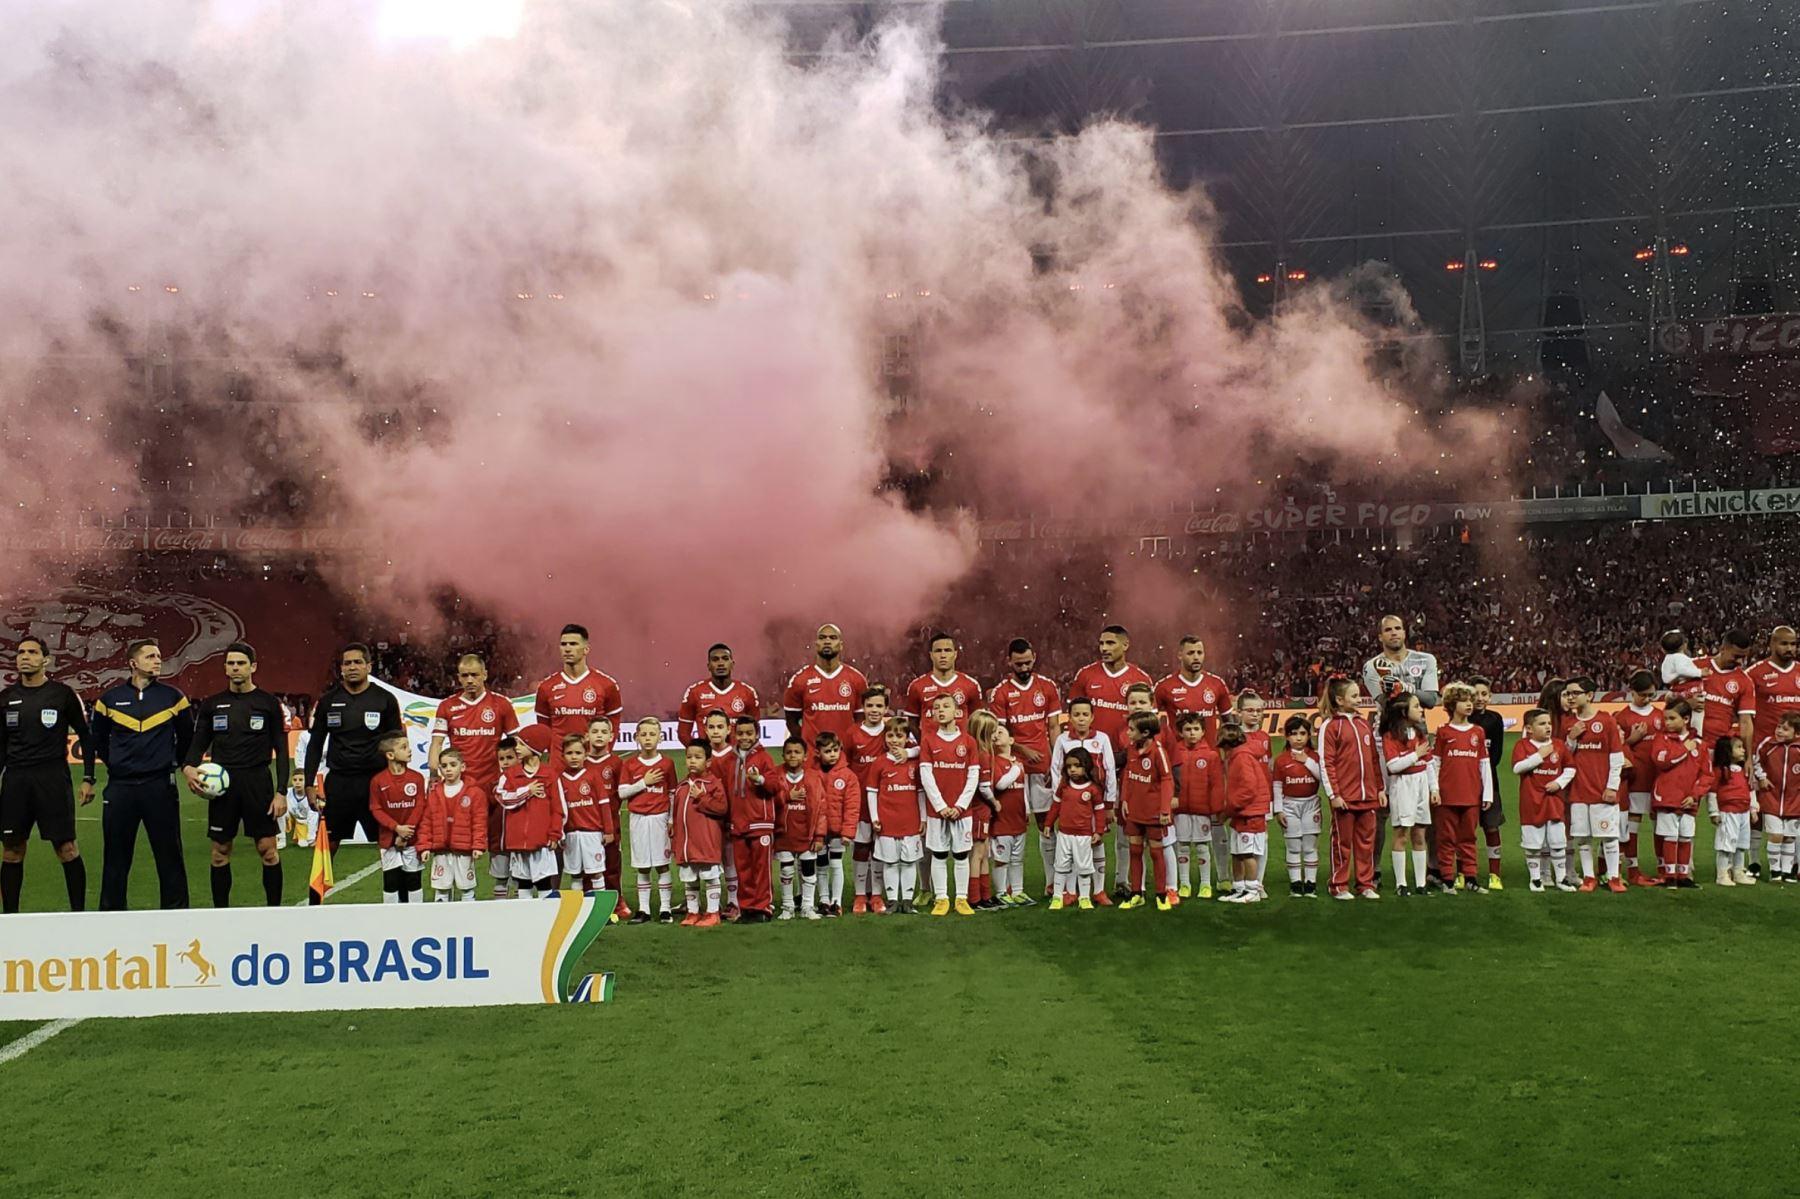 Con doblete de Paolo Guerrero, el Internacional FC ganó 3-0 al Cruzeiro en la semifinal de la Copa Brasileña.Foto:Internacional FC.